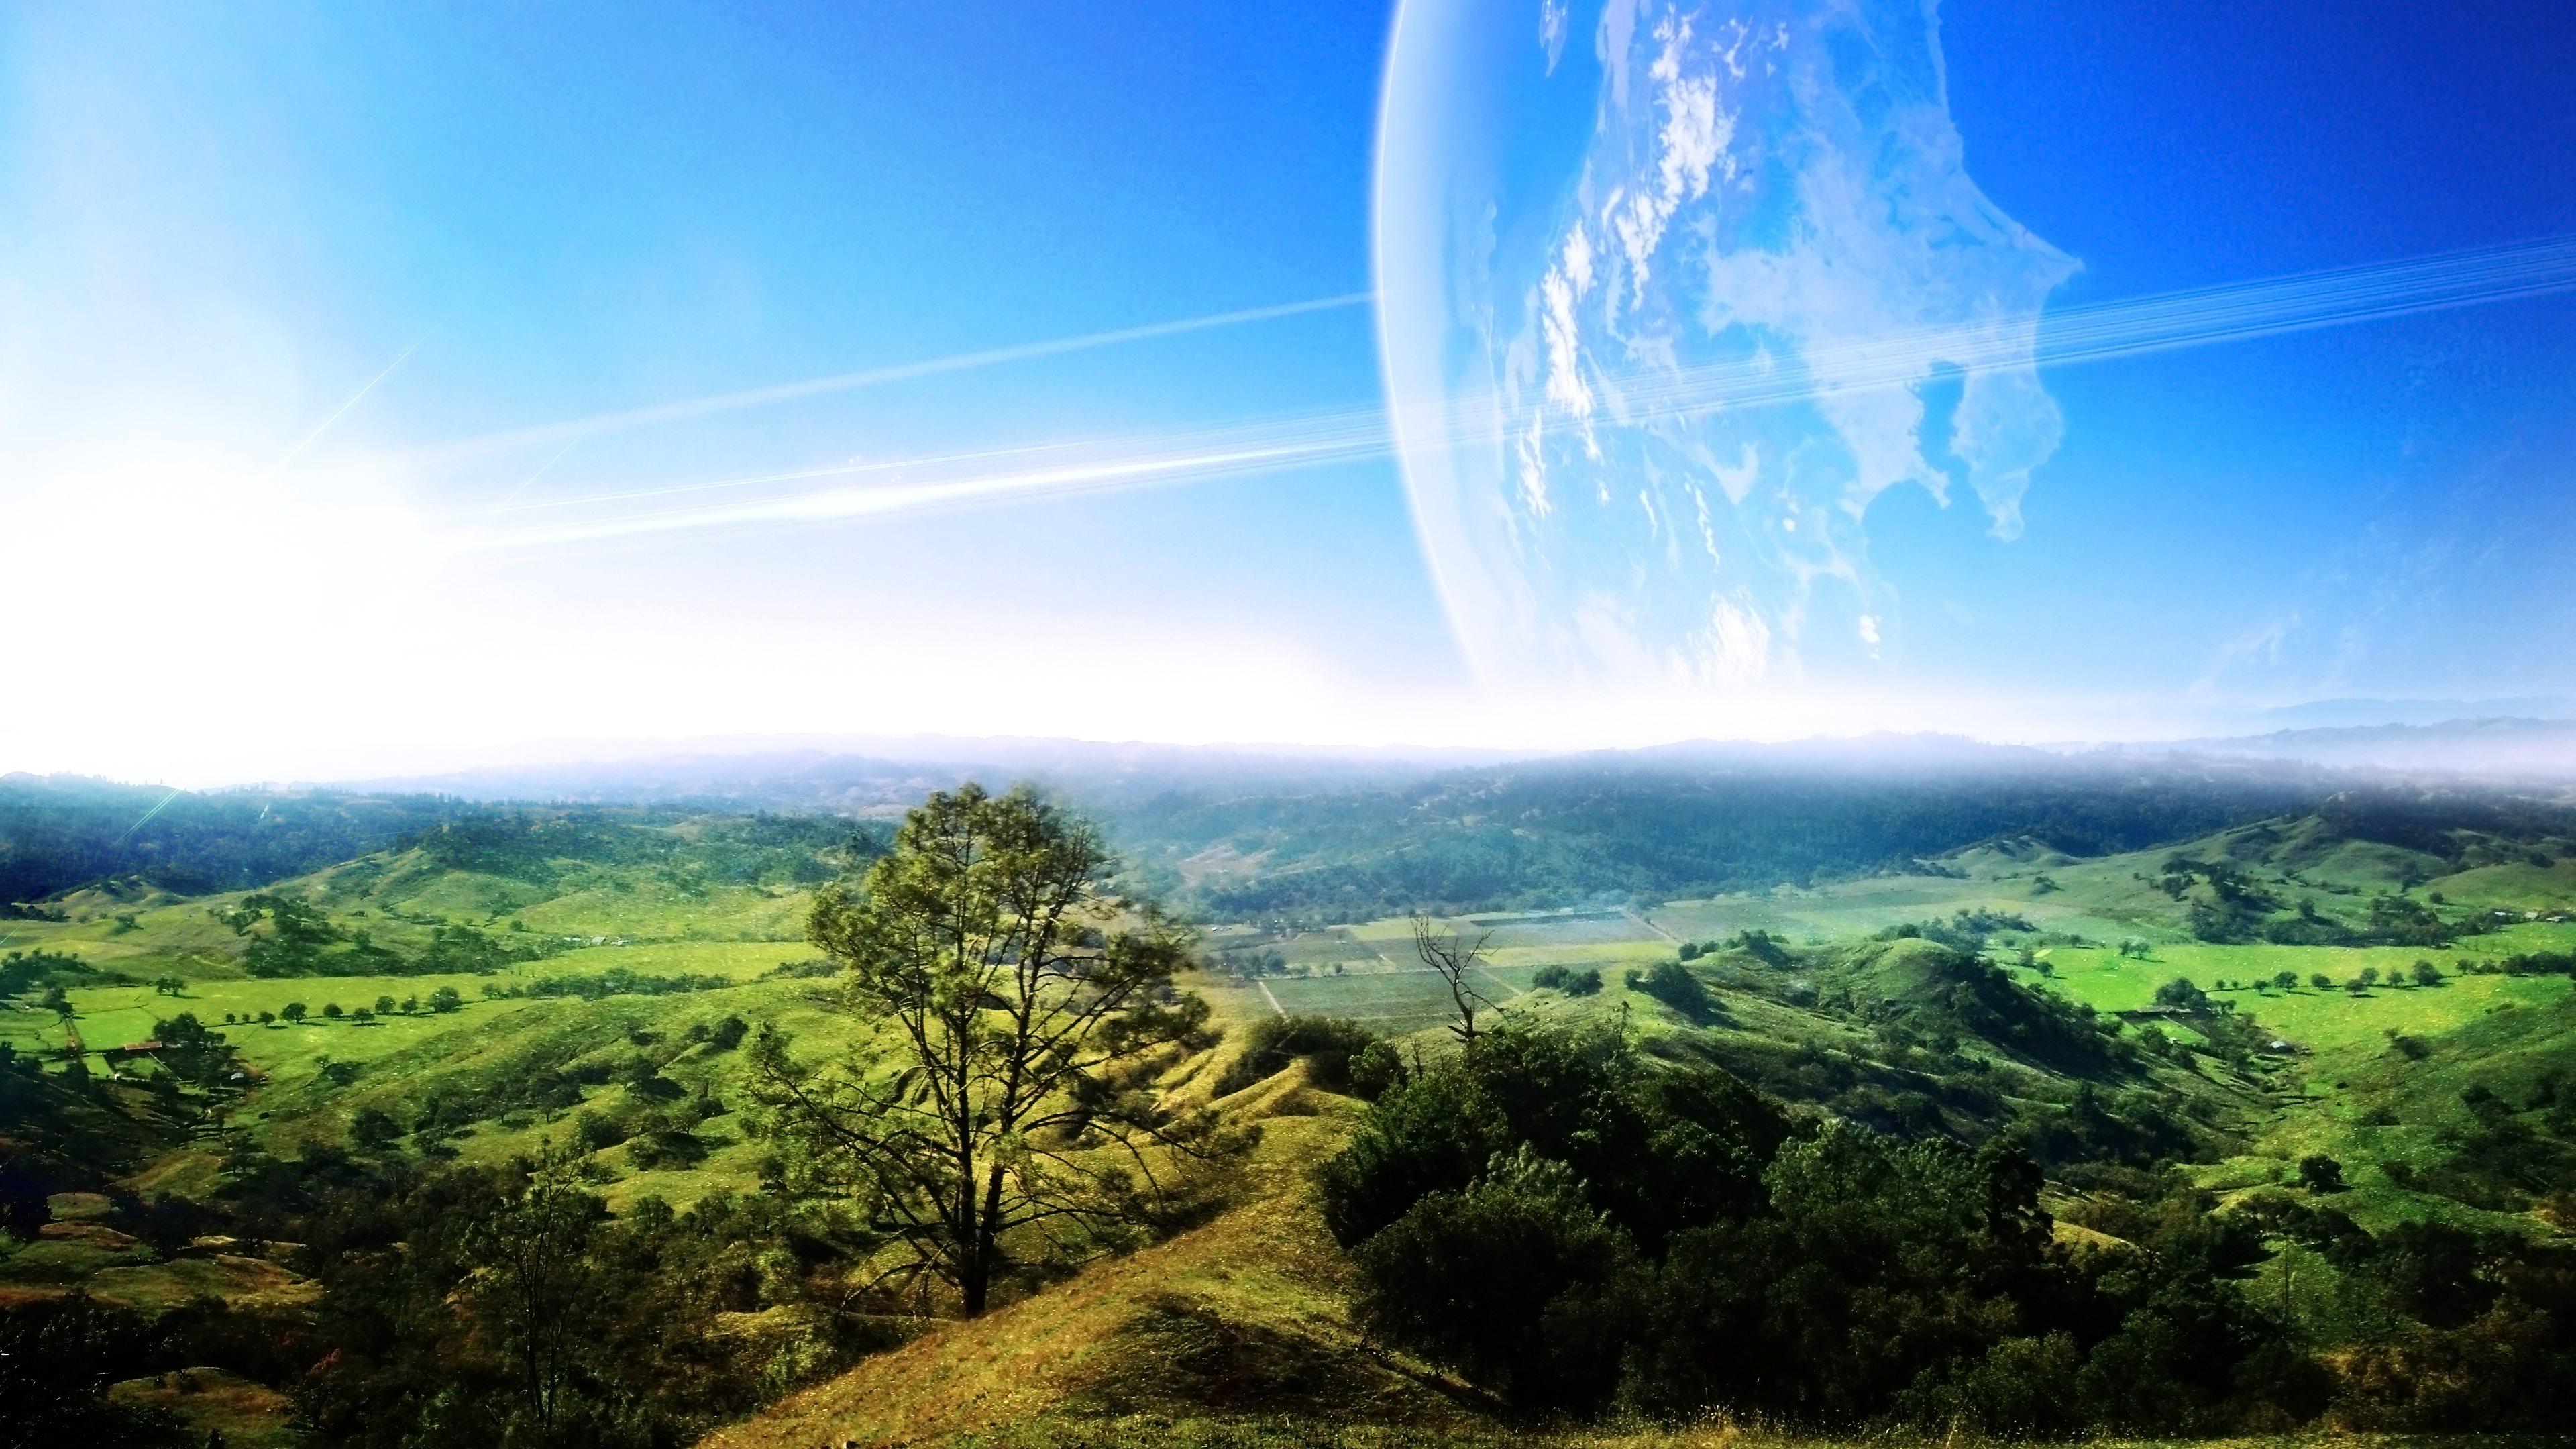 wallpaper 3840x2160 uhd 4k,sky,natural landscape,nature,vegetation,atmosphere